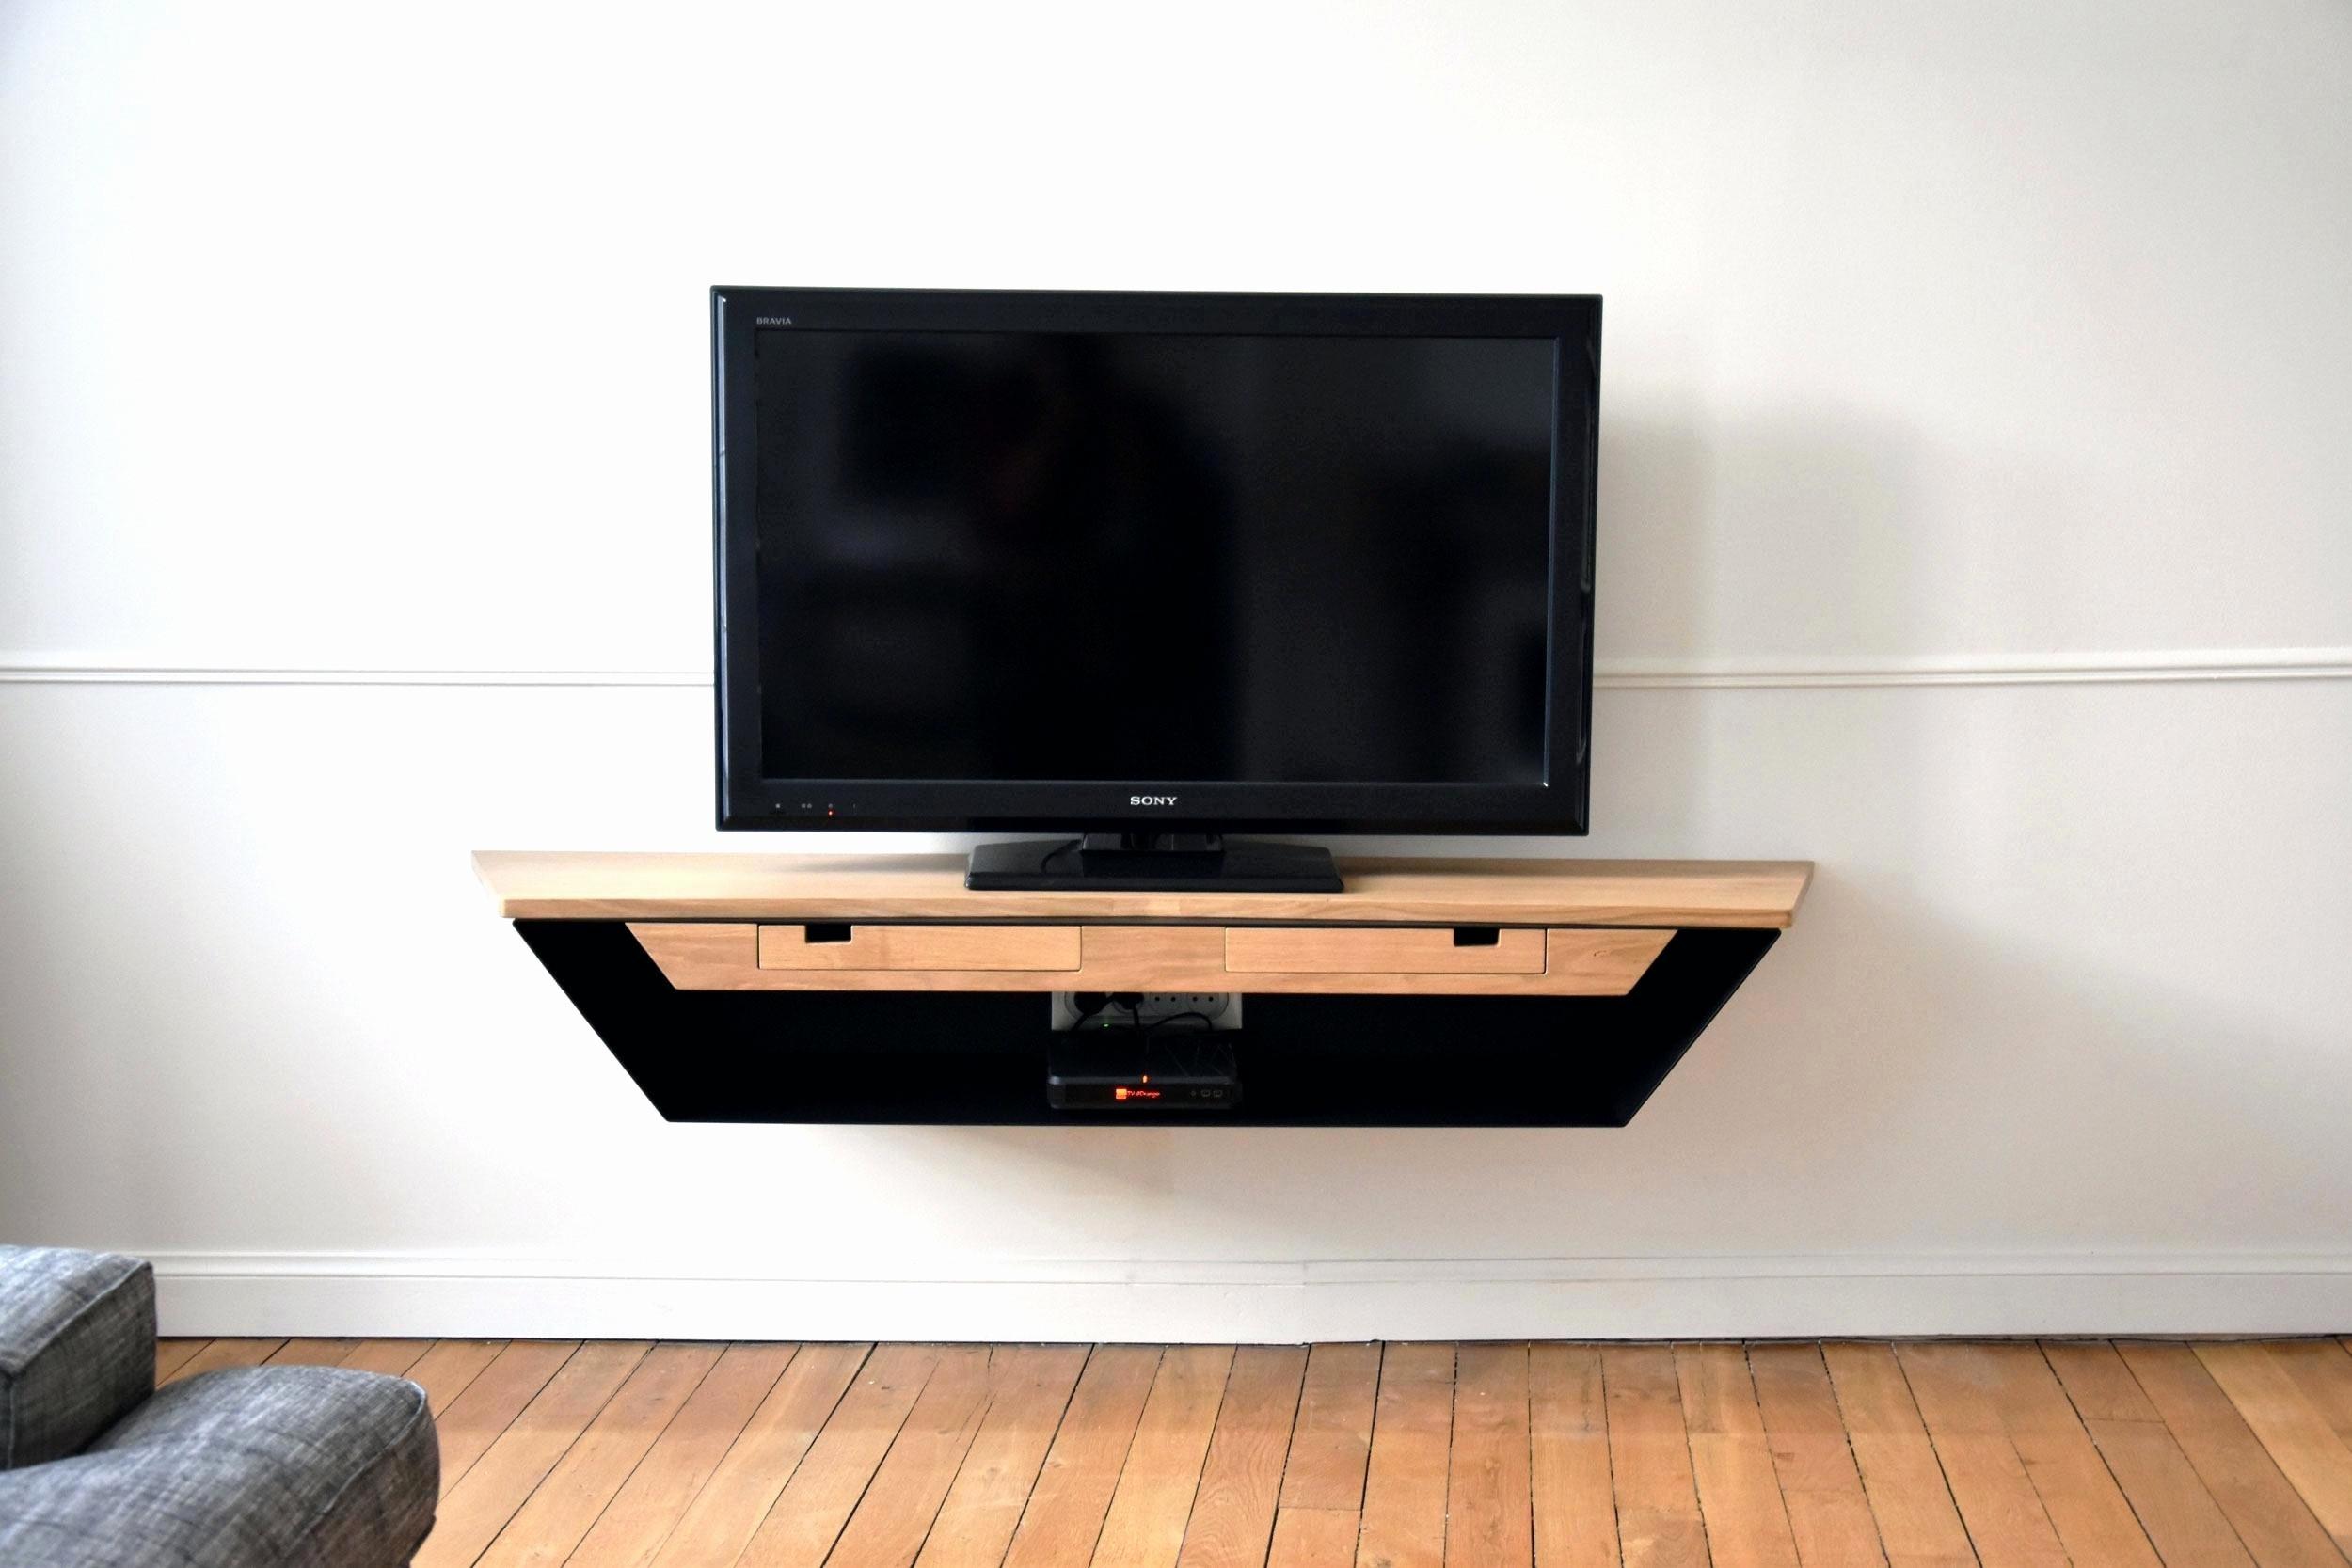 meuble tele suspendu etagere meuble tv meuble tv suspendu insolite s etagere suspendu 0d of meuble tele suspendu